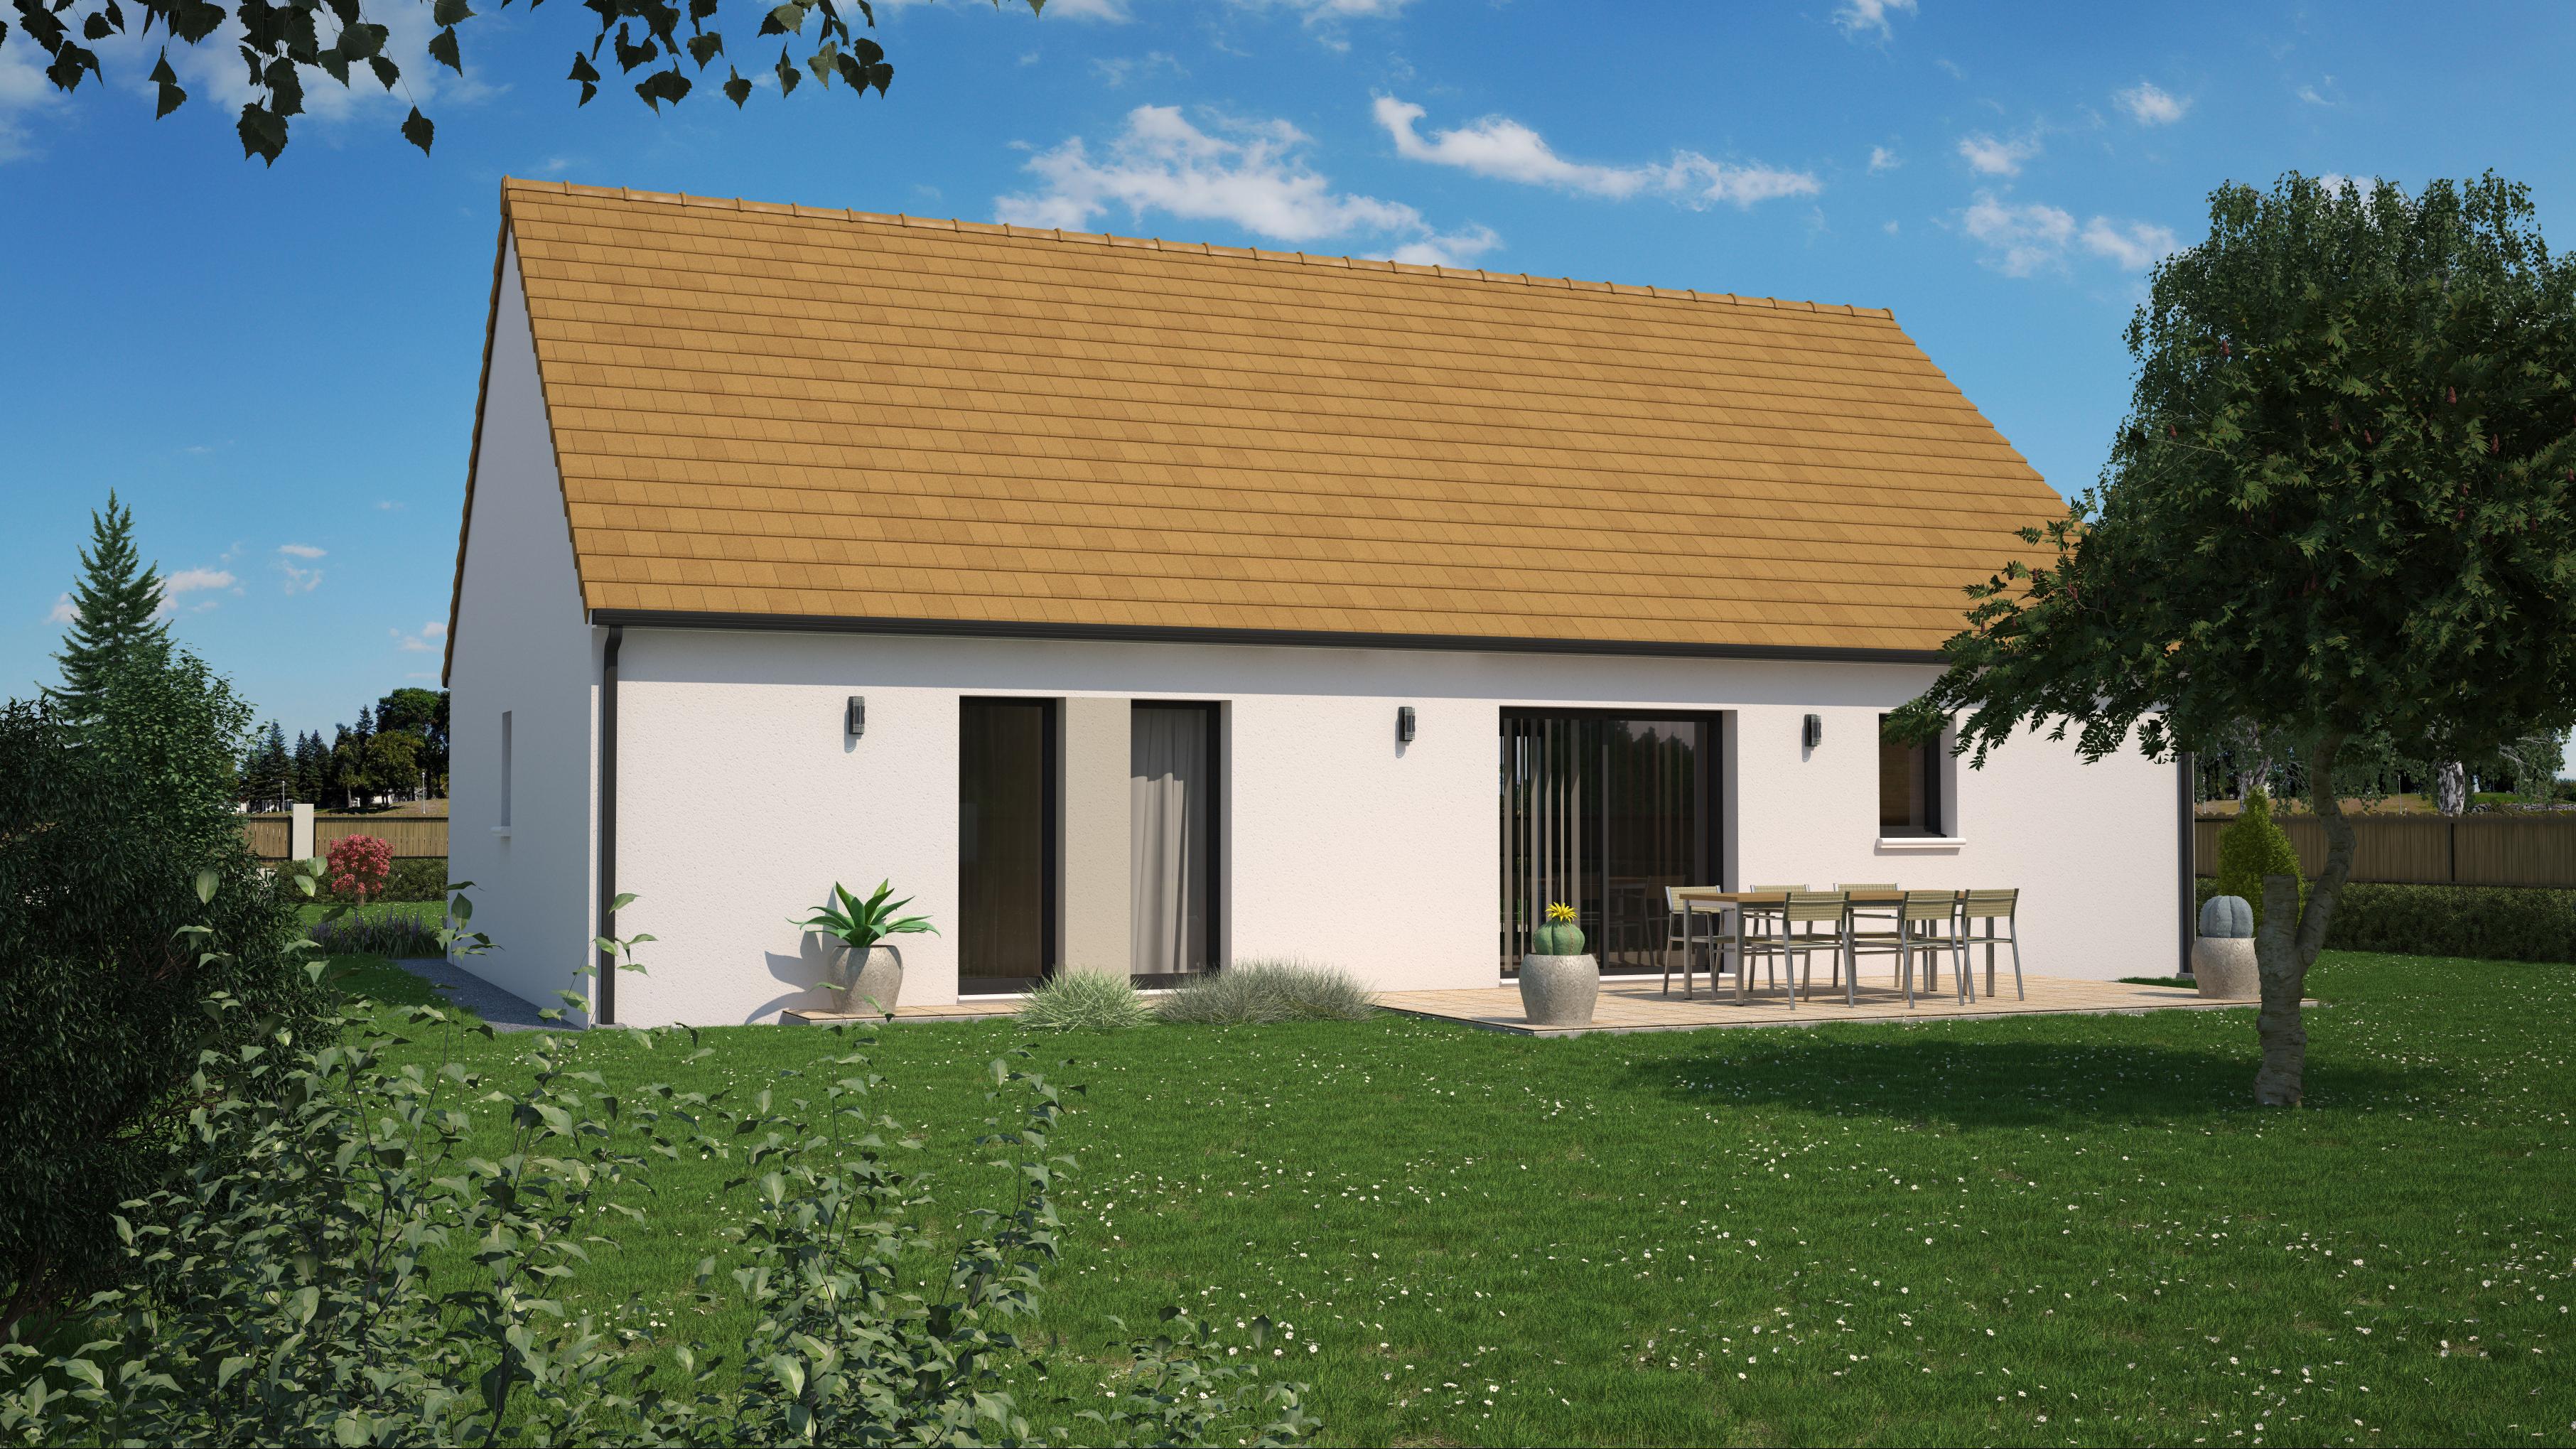 Maison à vendre à Croix-en-Touraine